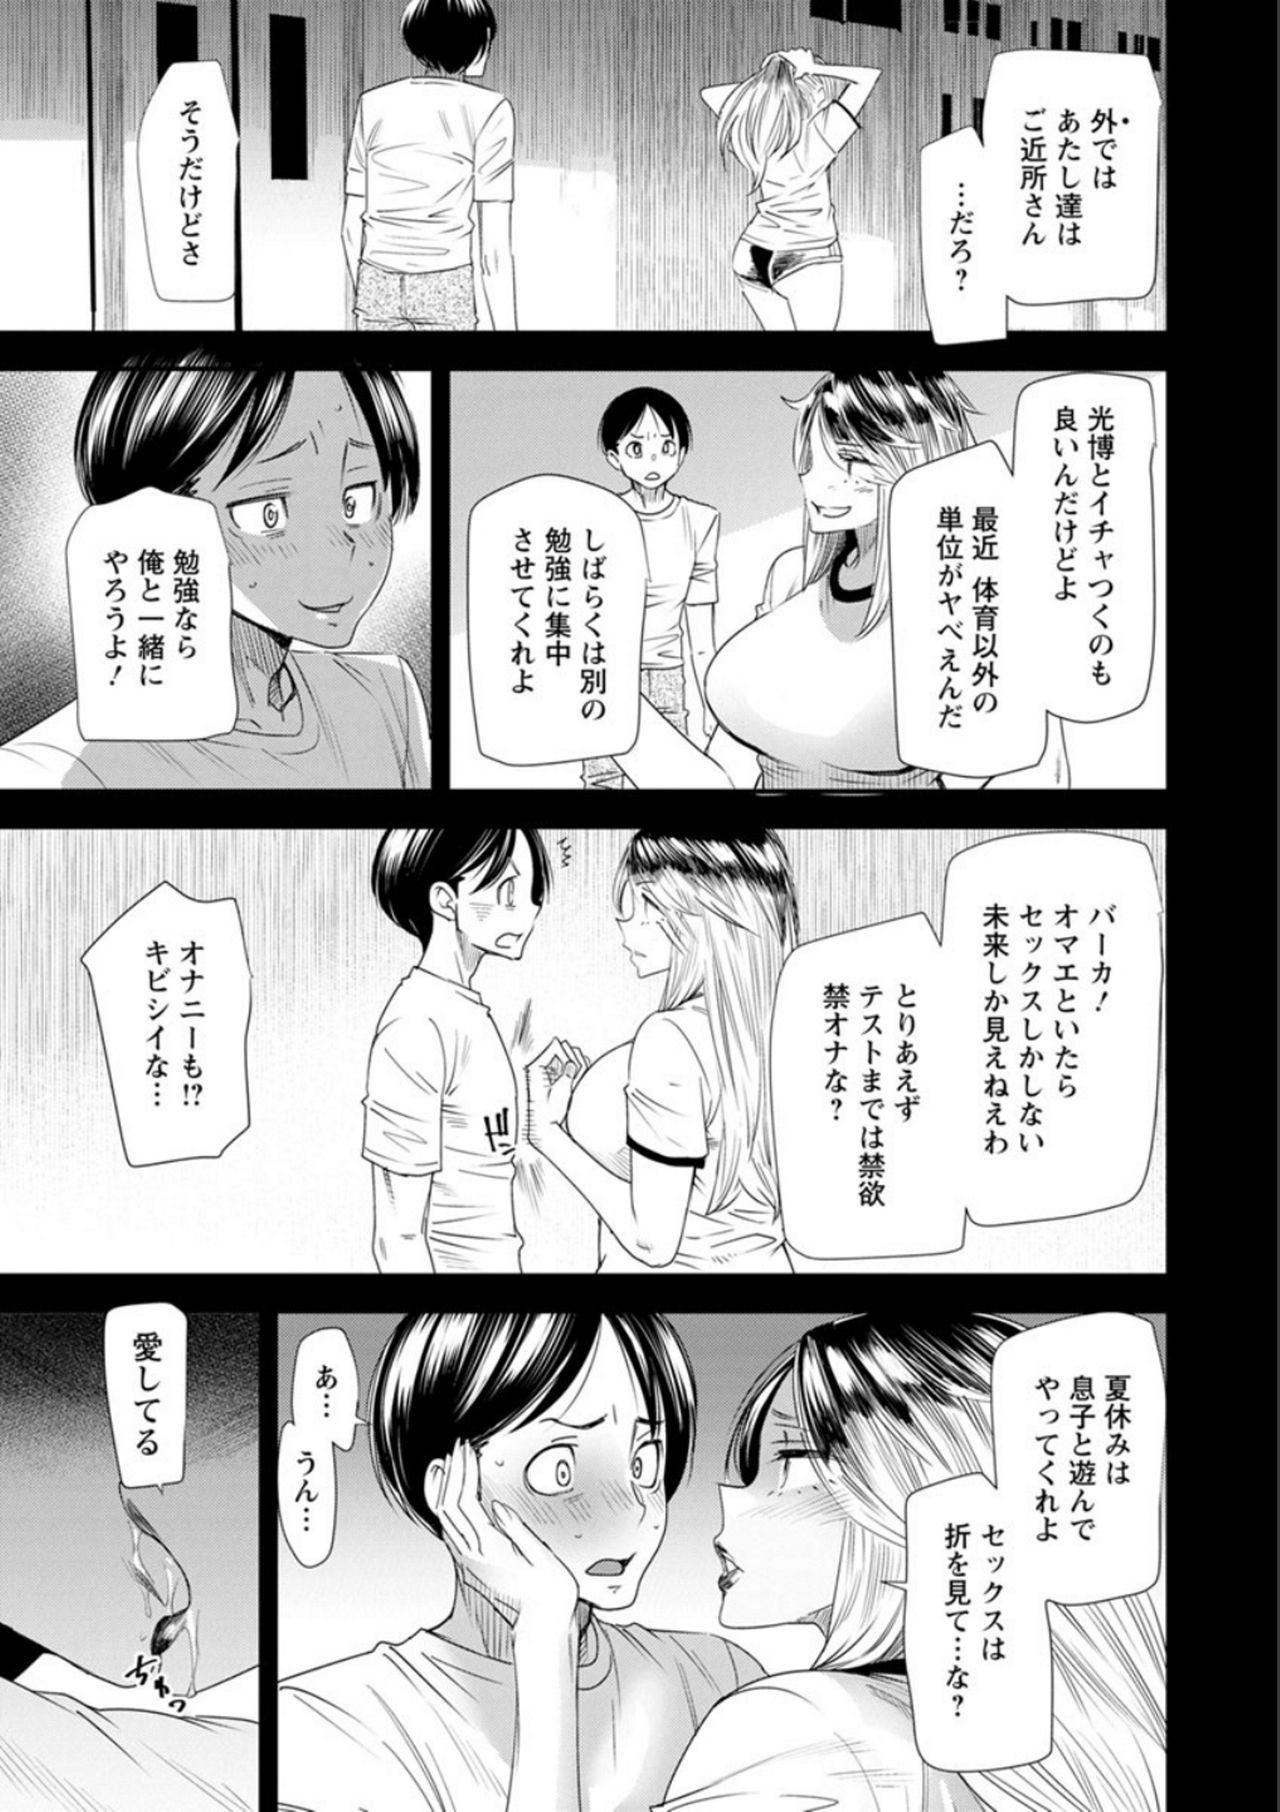 Nao's Secret 90